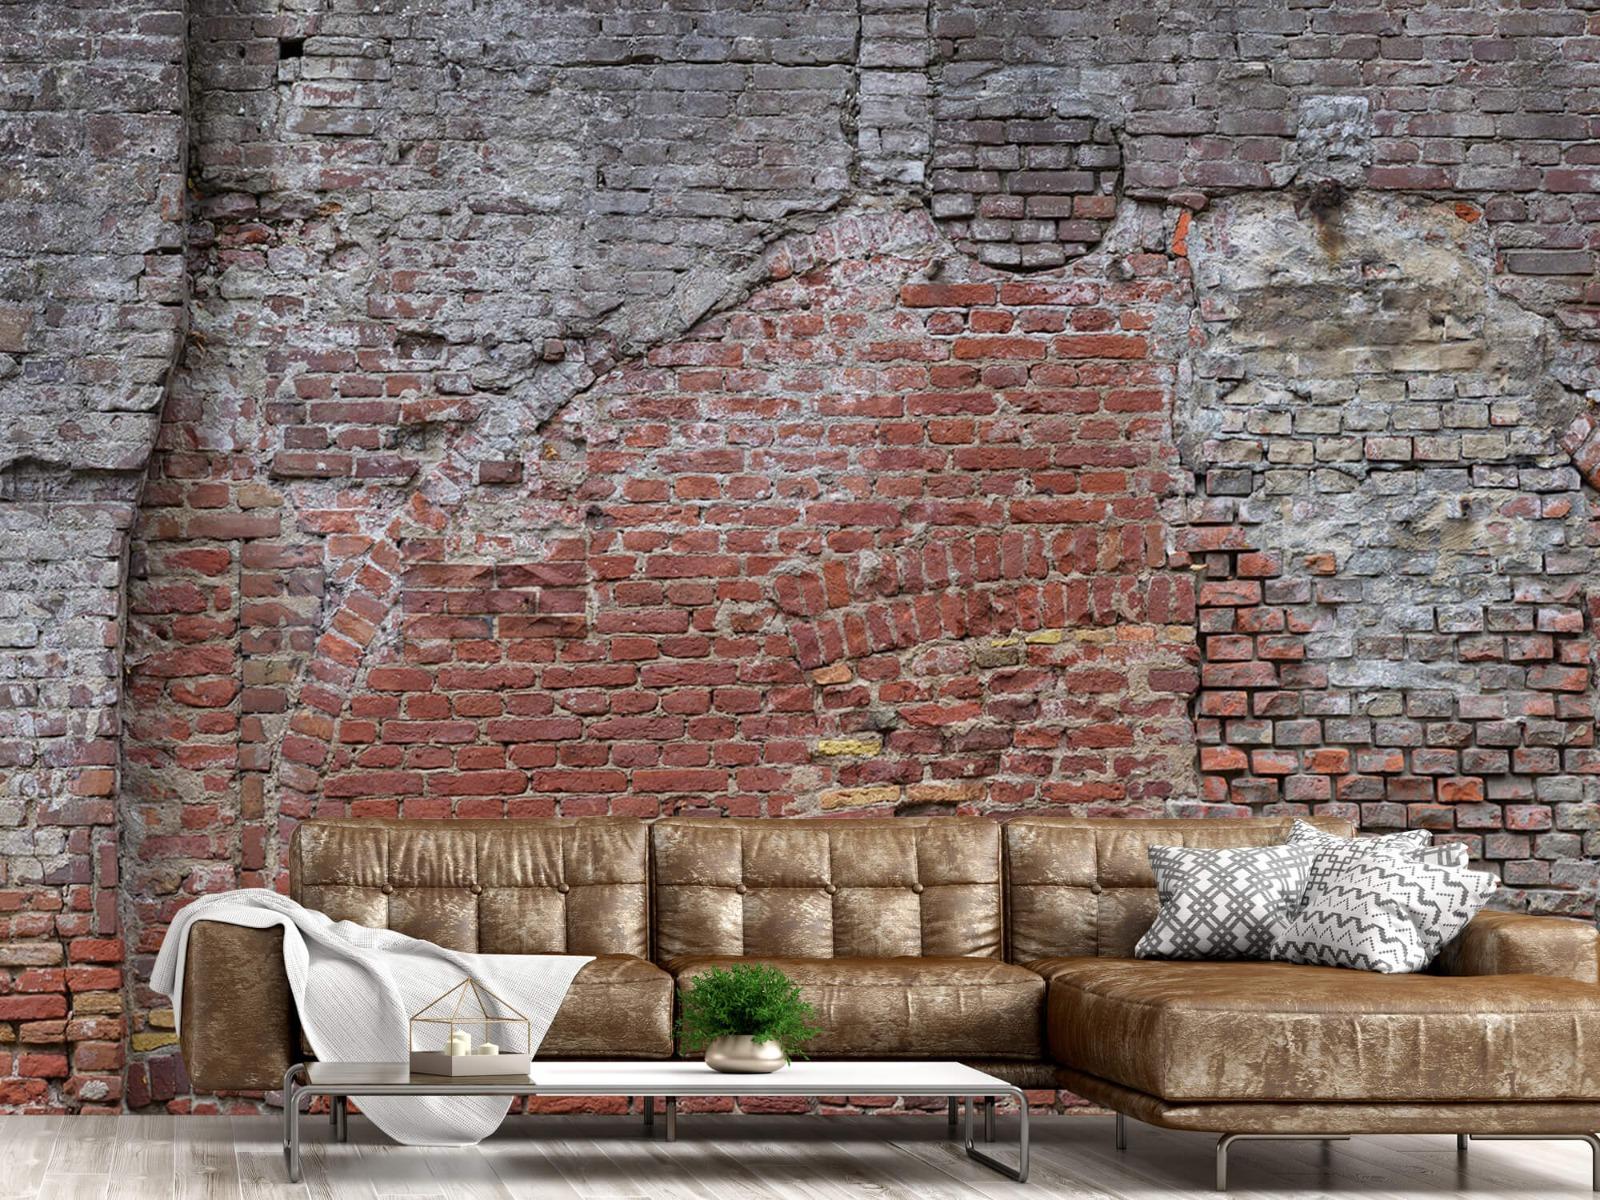 Steen behang - Oude herstelde stadsmuur - Tienerkamer 14